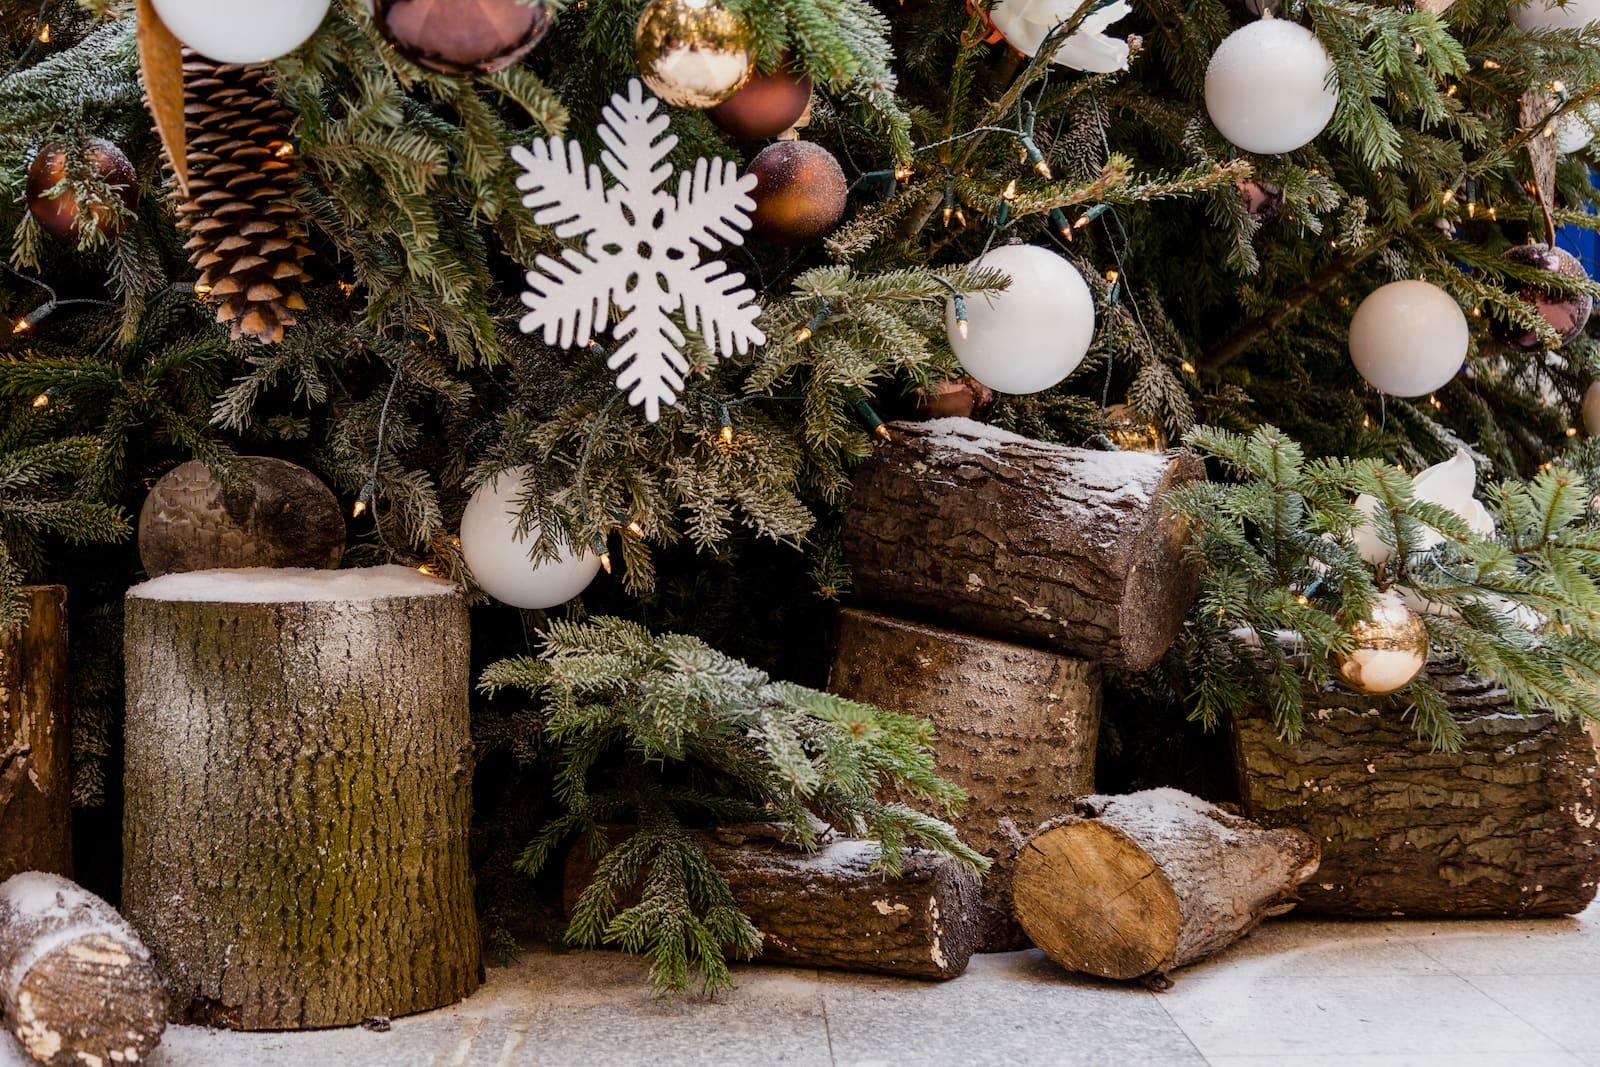 Weihnachtsfeier Konzept Pure Christmas von BasdeBoer Eventstyling geschmückter Tannenbaum mit Holzschieter  - Weihnachtsfeier Eventstyling